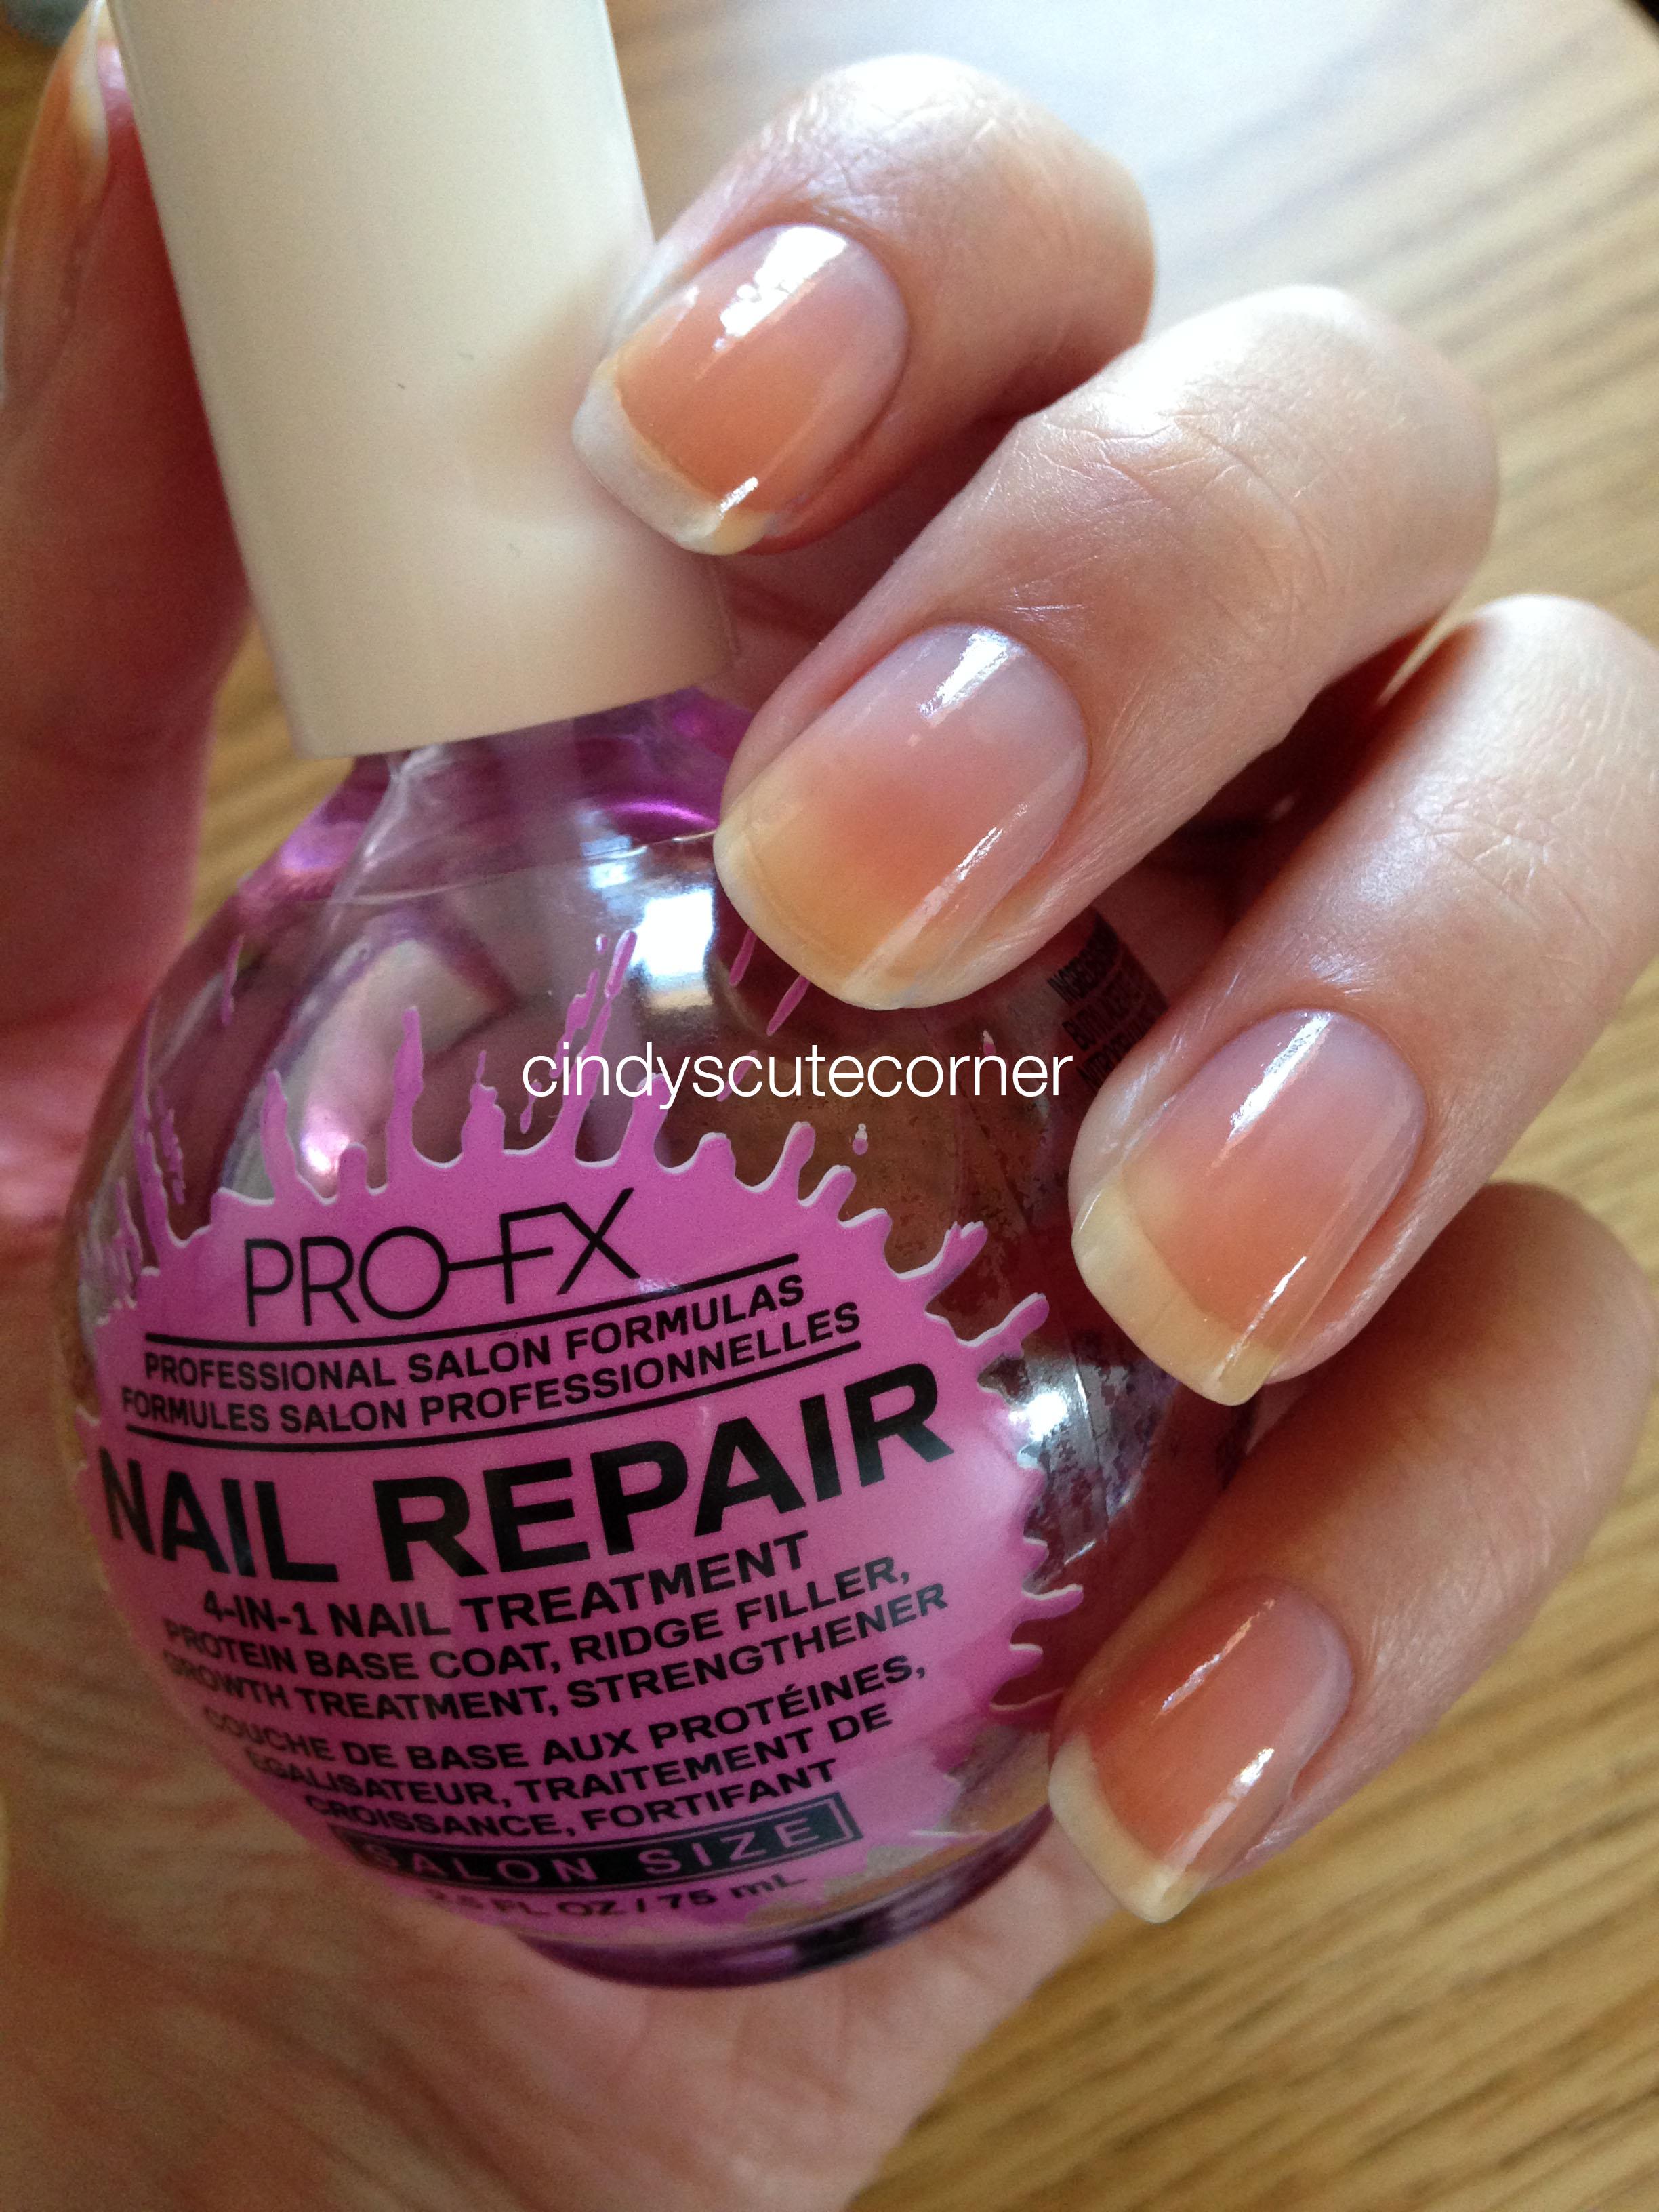 PRO-FX Nail Repair Polish